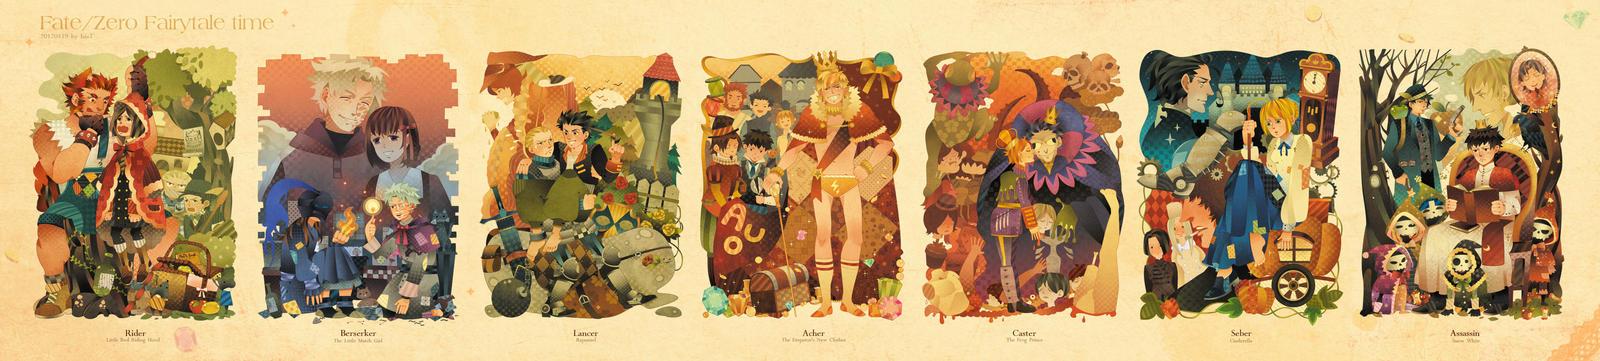 Fate/Zero Fairy tale time